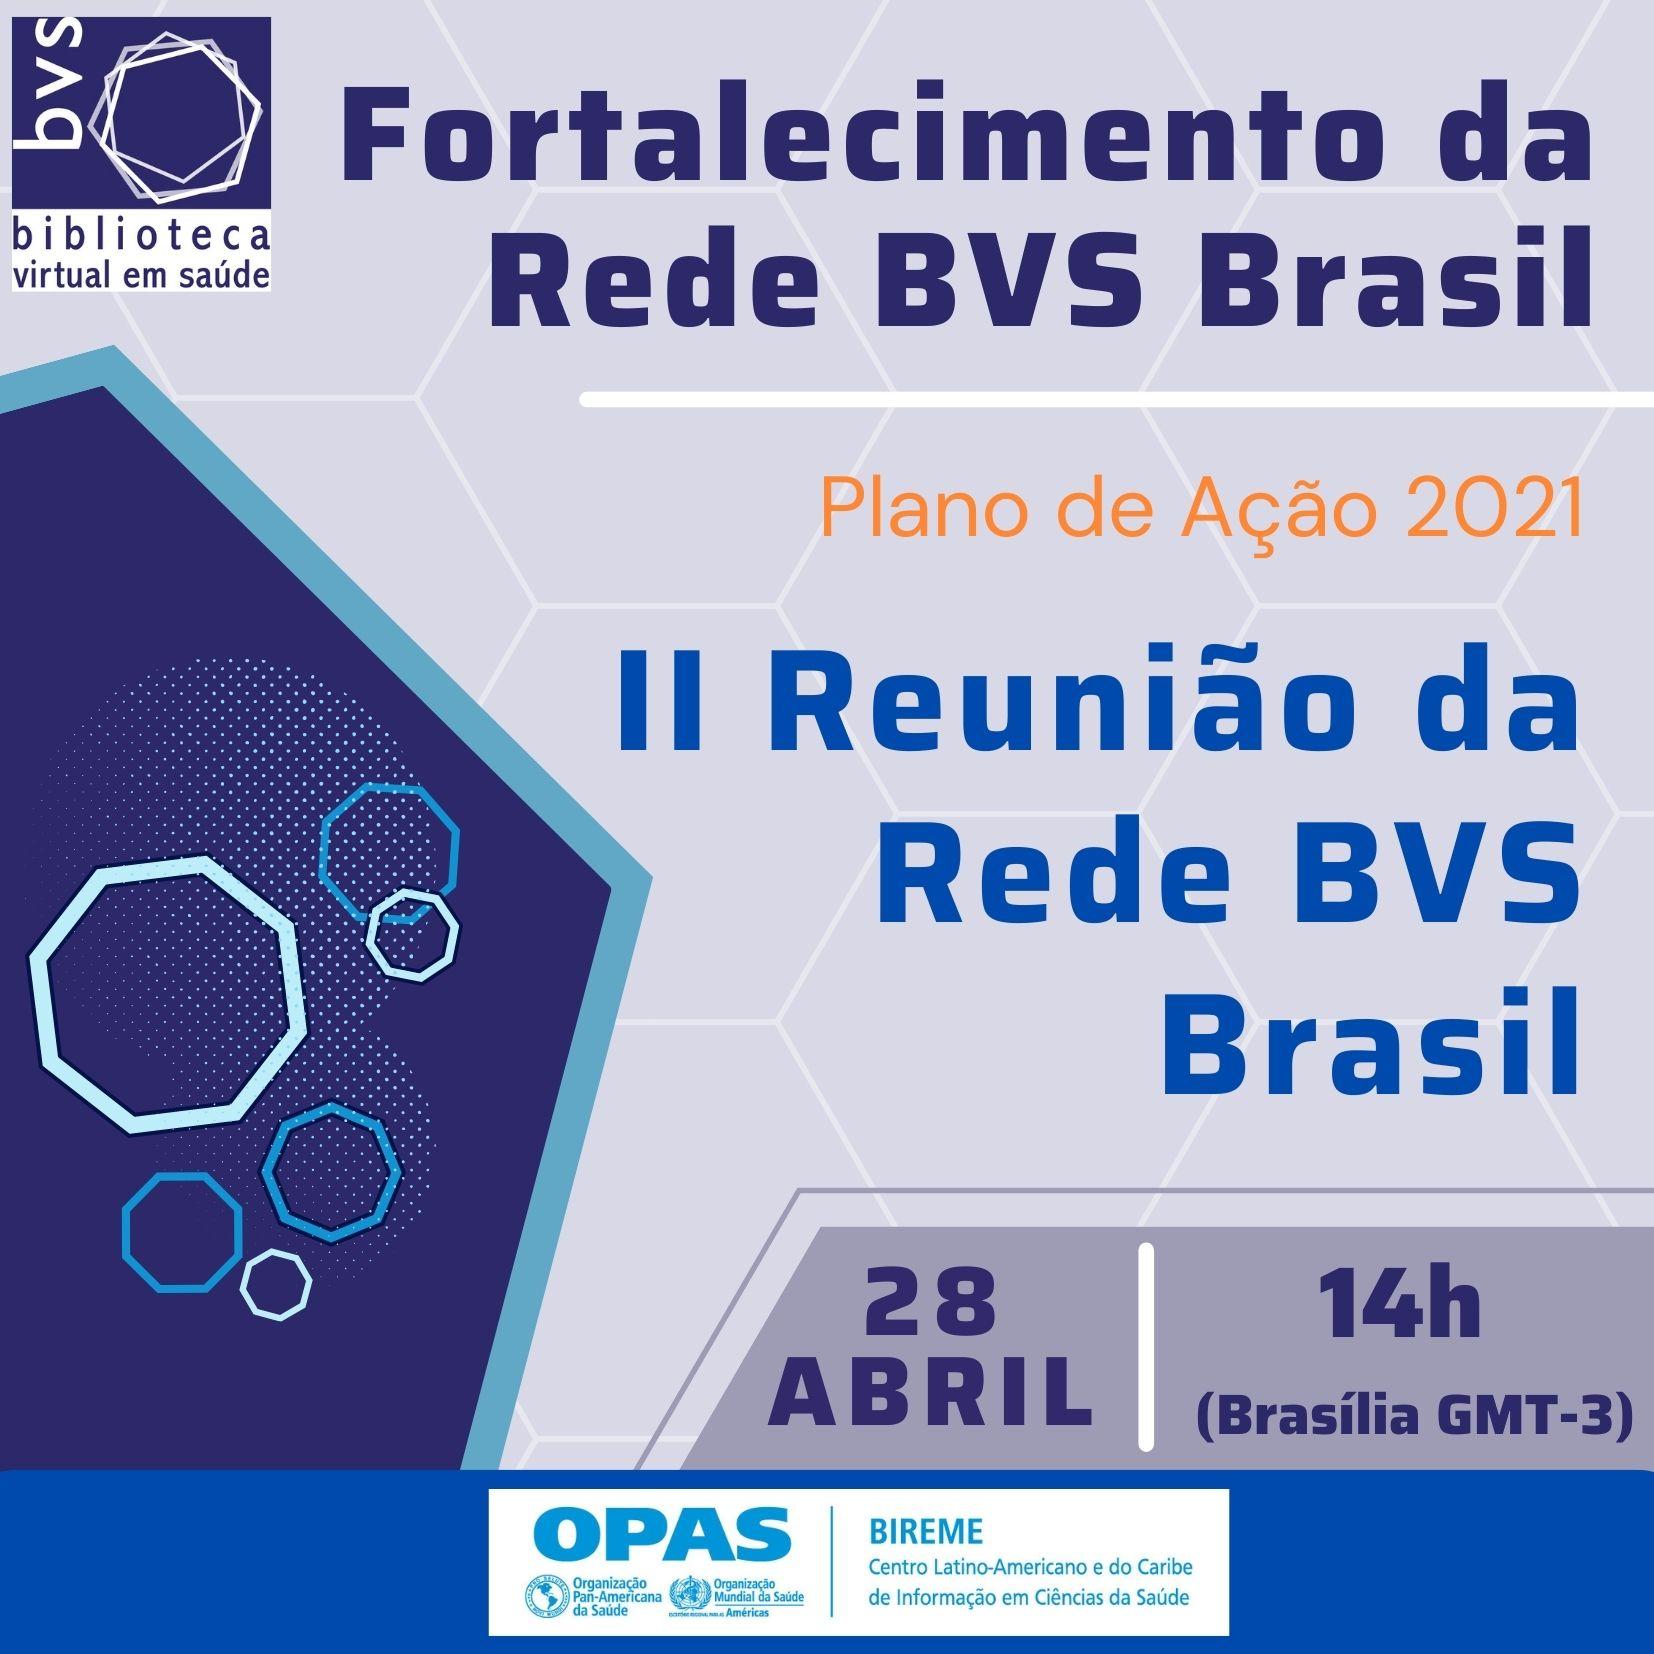 Destaque-II-reuniao-Plano-acao-2021-Rede-BVS-Brasil